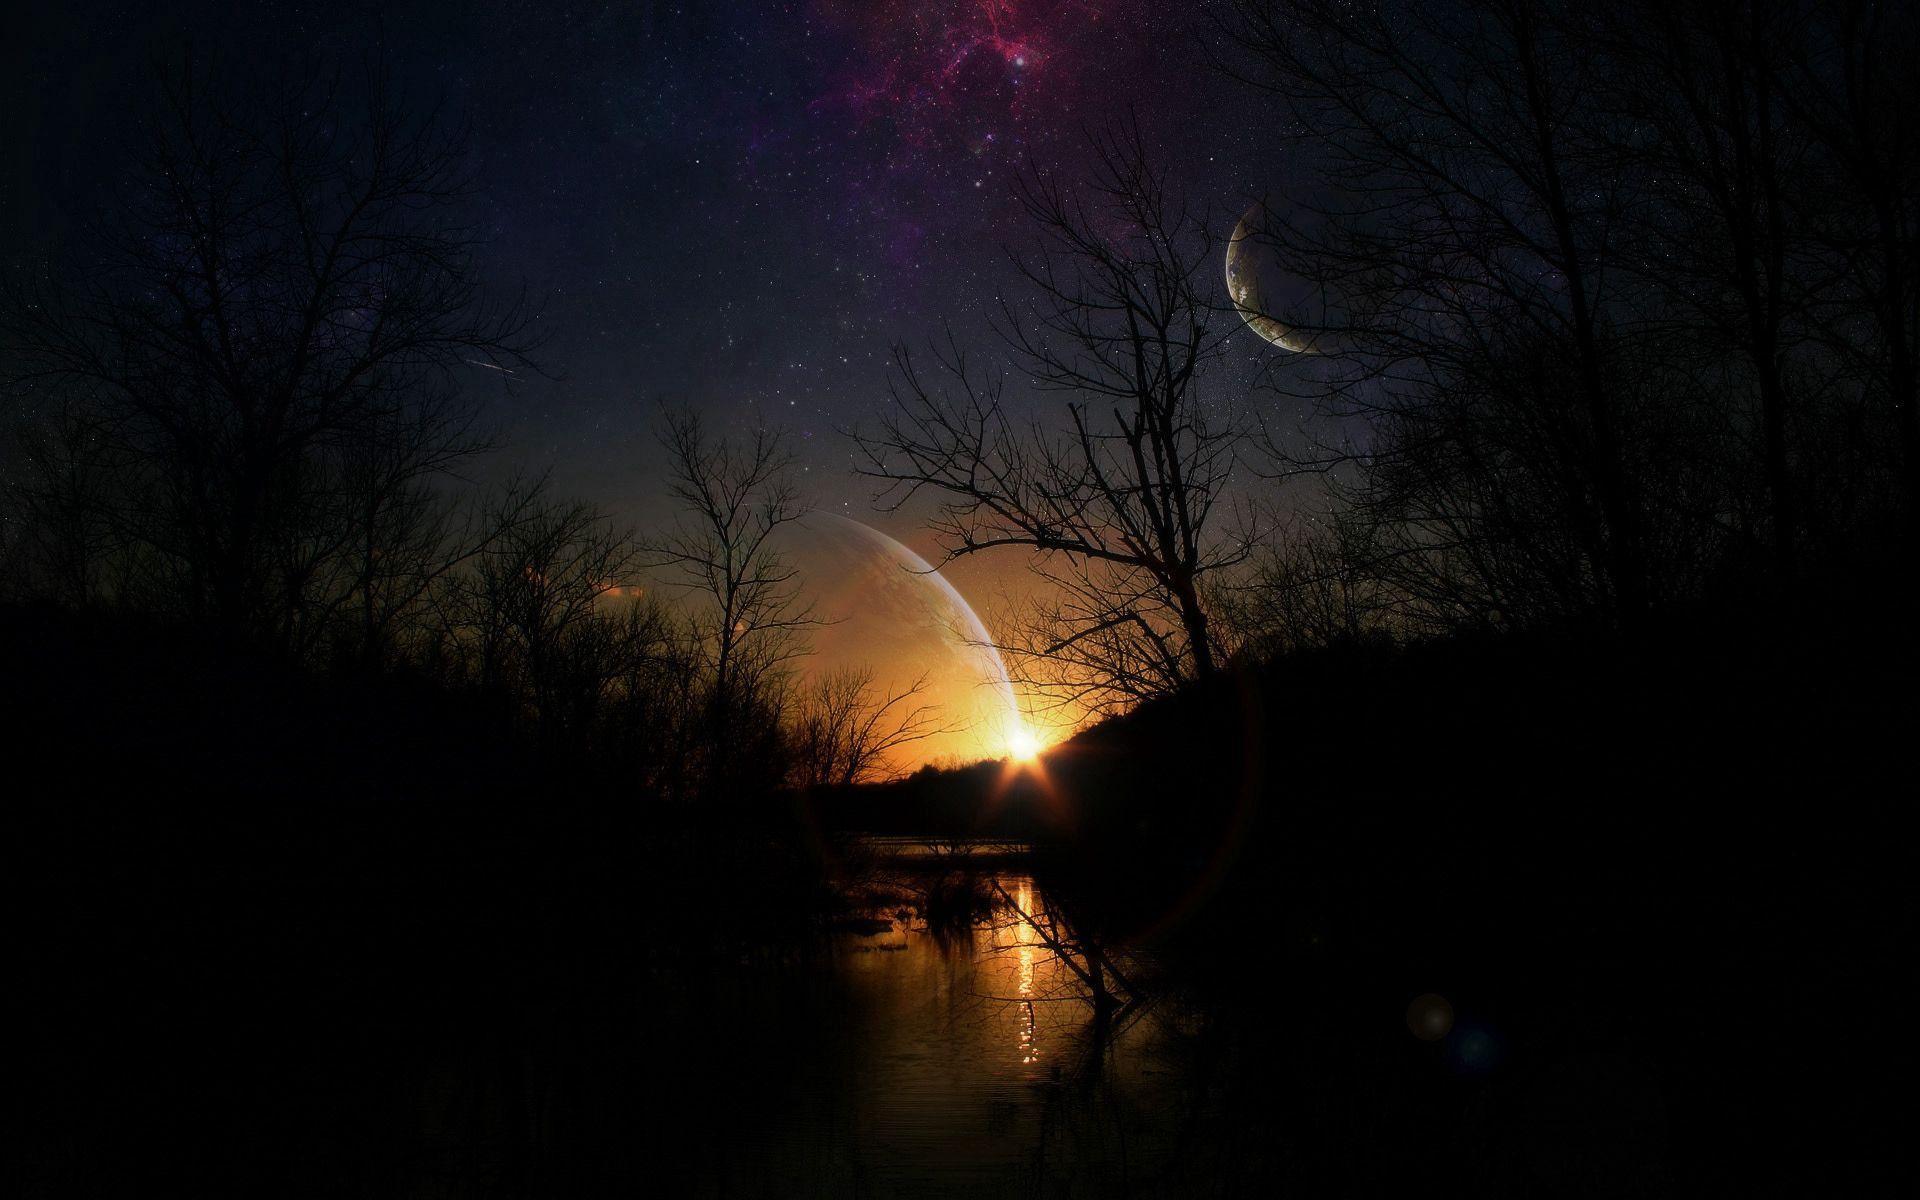 133503 скачать обои Темные, Ночь, Свет, Планеты - заставки и картинки бесплатно